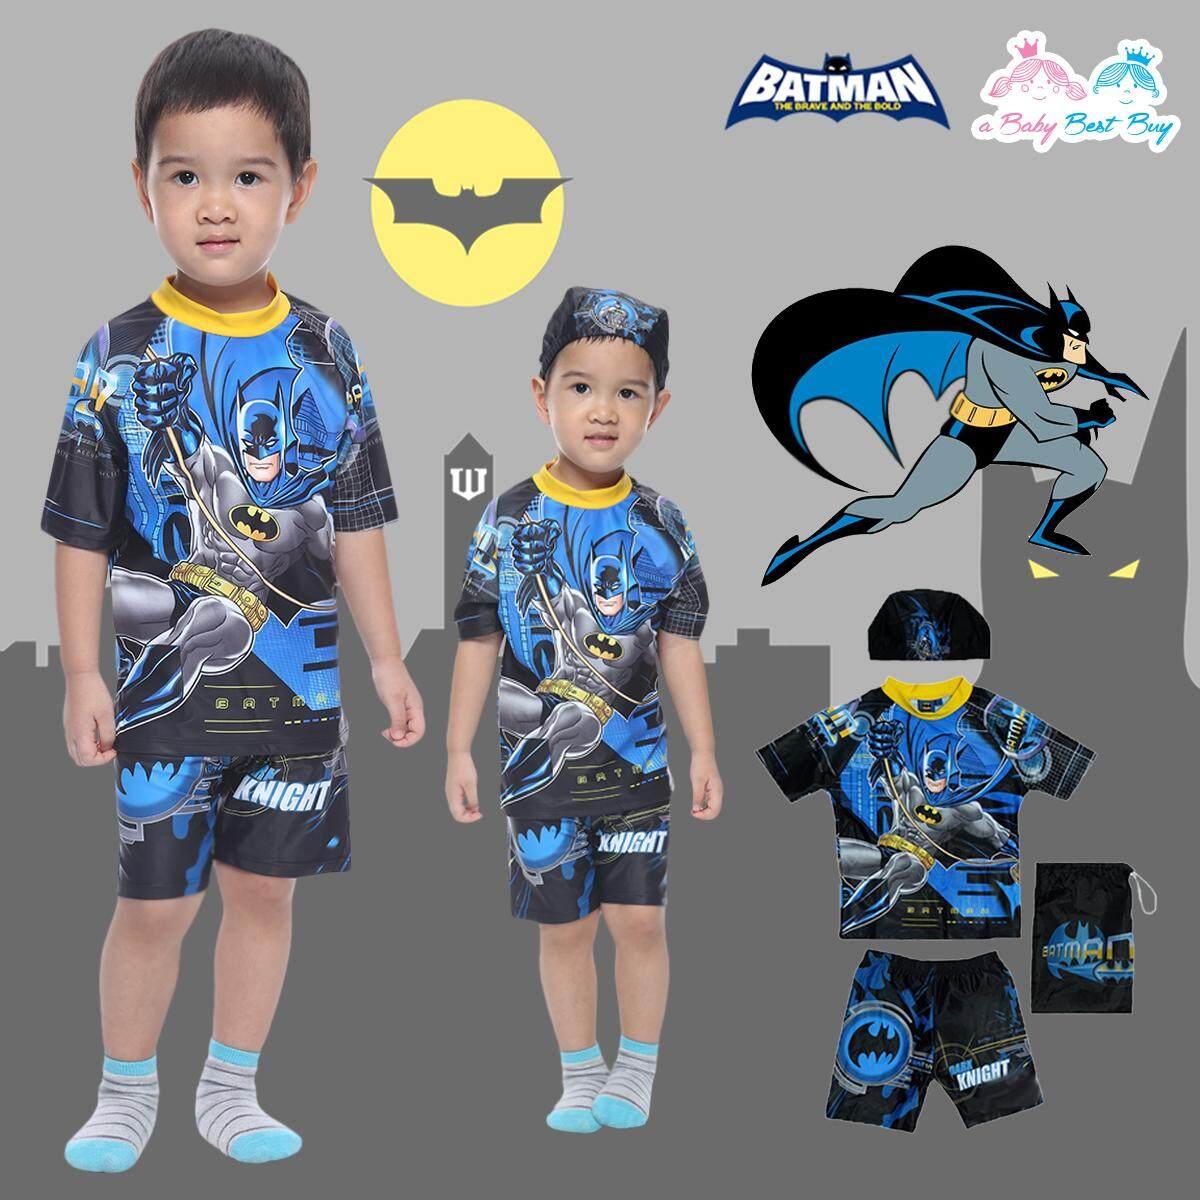 Swimming Wear 2piece for Boy Batman ชุดว่ายน้ำเด็กผู้ชาย เสื้อแขนสั้น กางเกงขาสั้น พร้อมหมวกว่ายน้ำและถุงผ้า